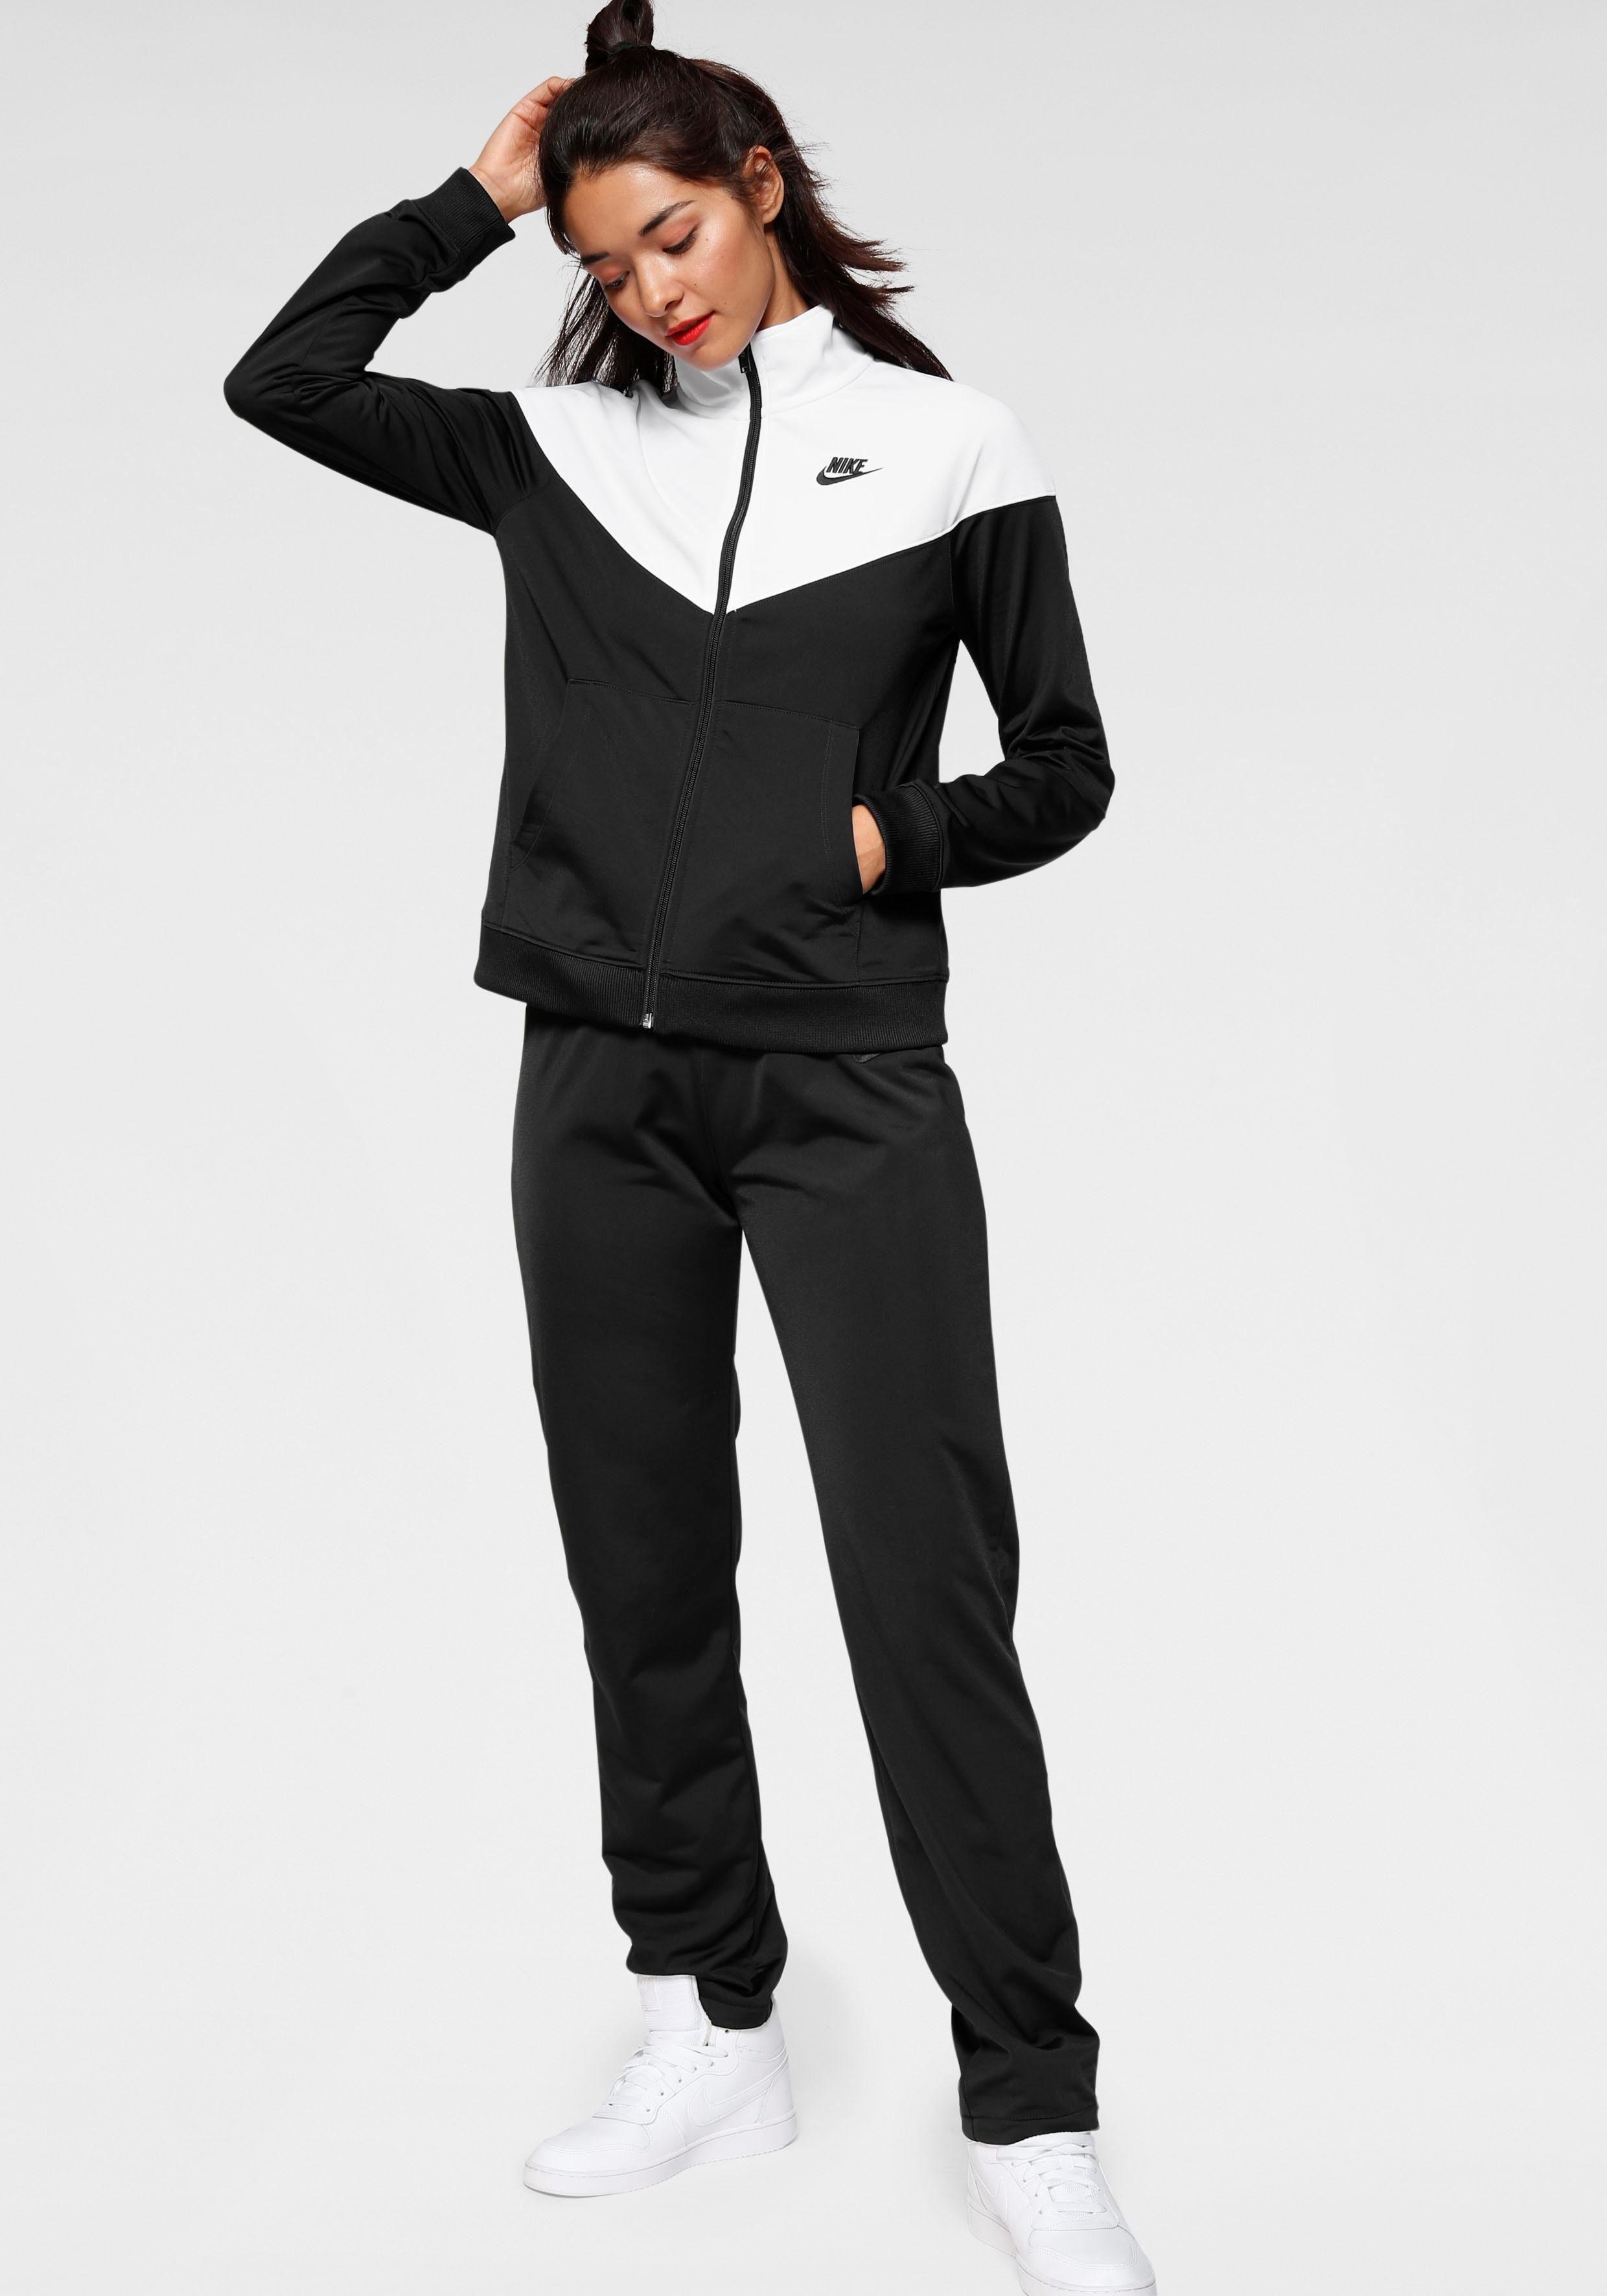 Damen Nike Sportswear Trainingsanzug W NSW TRK SUIT PK rosa, schwarz   00193146869621